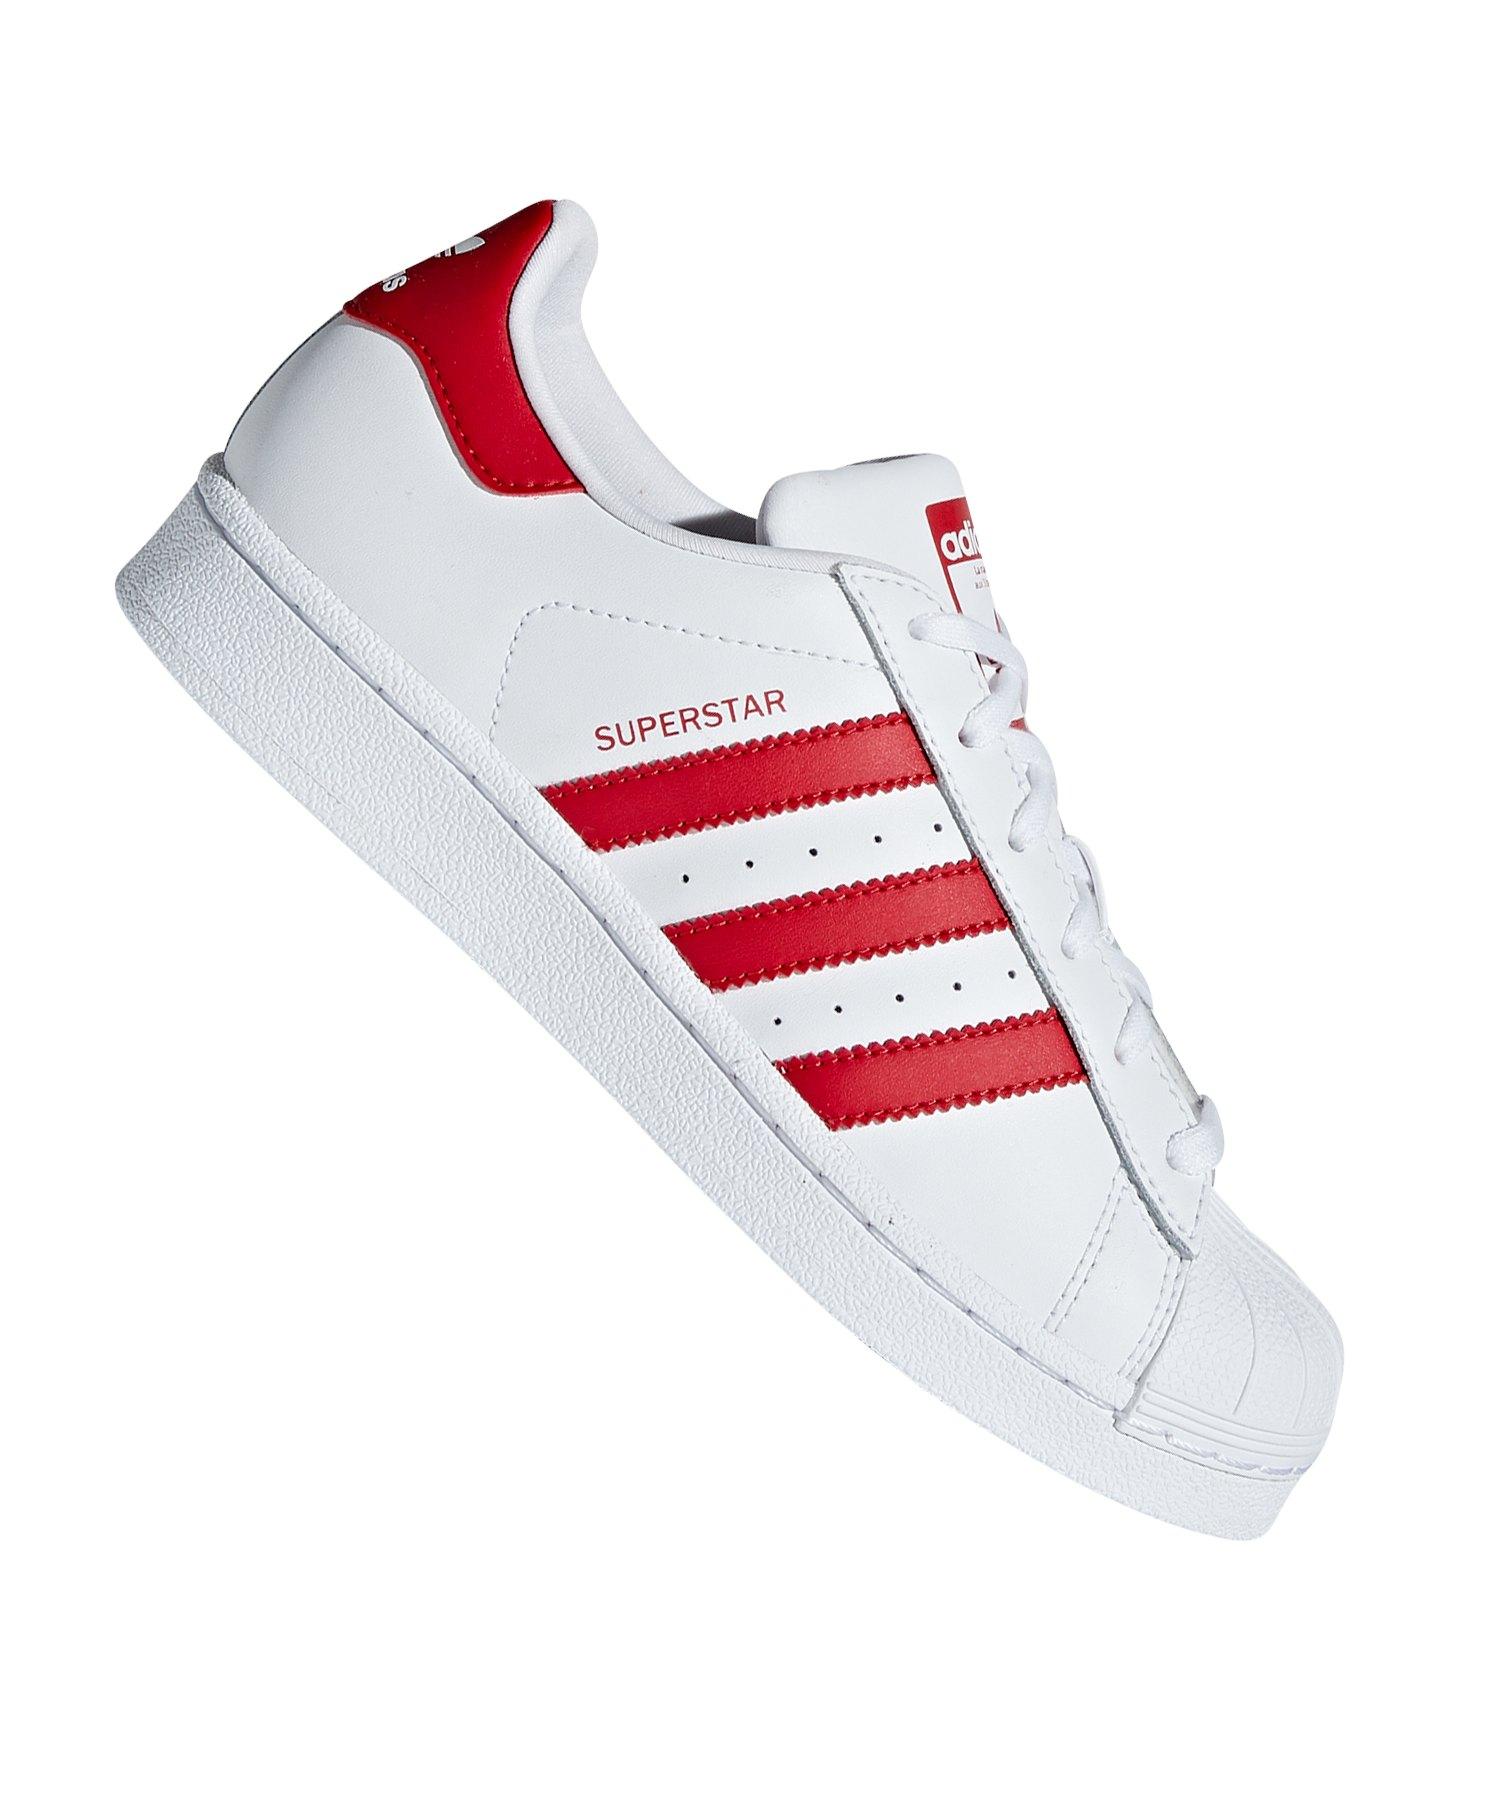 Superstar Adidas Kids Originals lifestyle Weiss Sneaker Blau R7vzq7